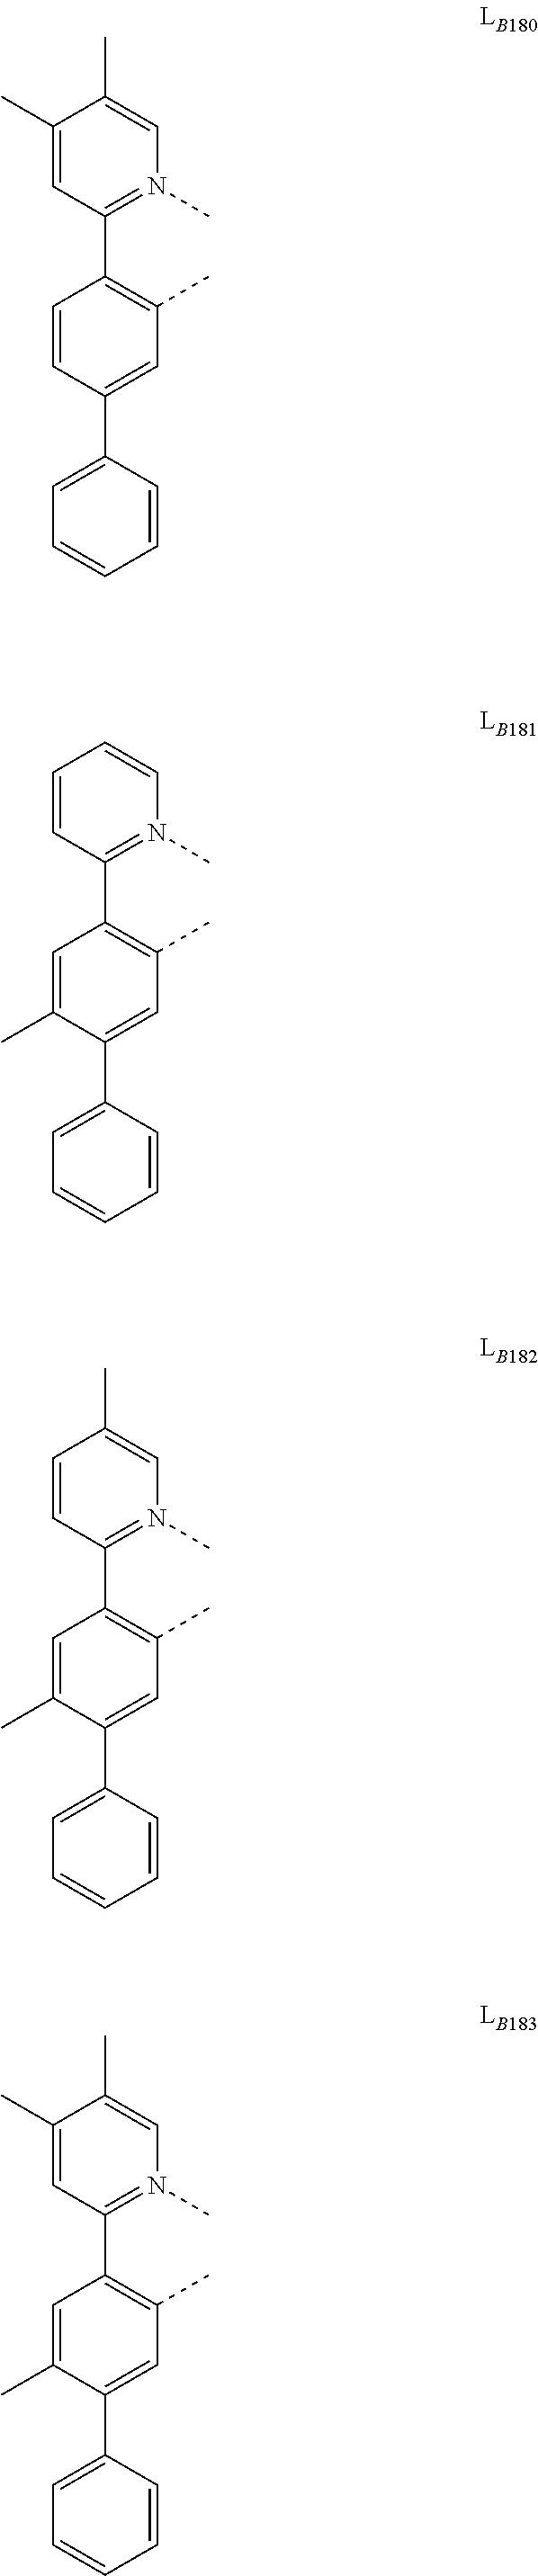 Figure US09929360-20180327-C00076